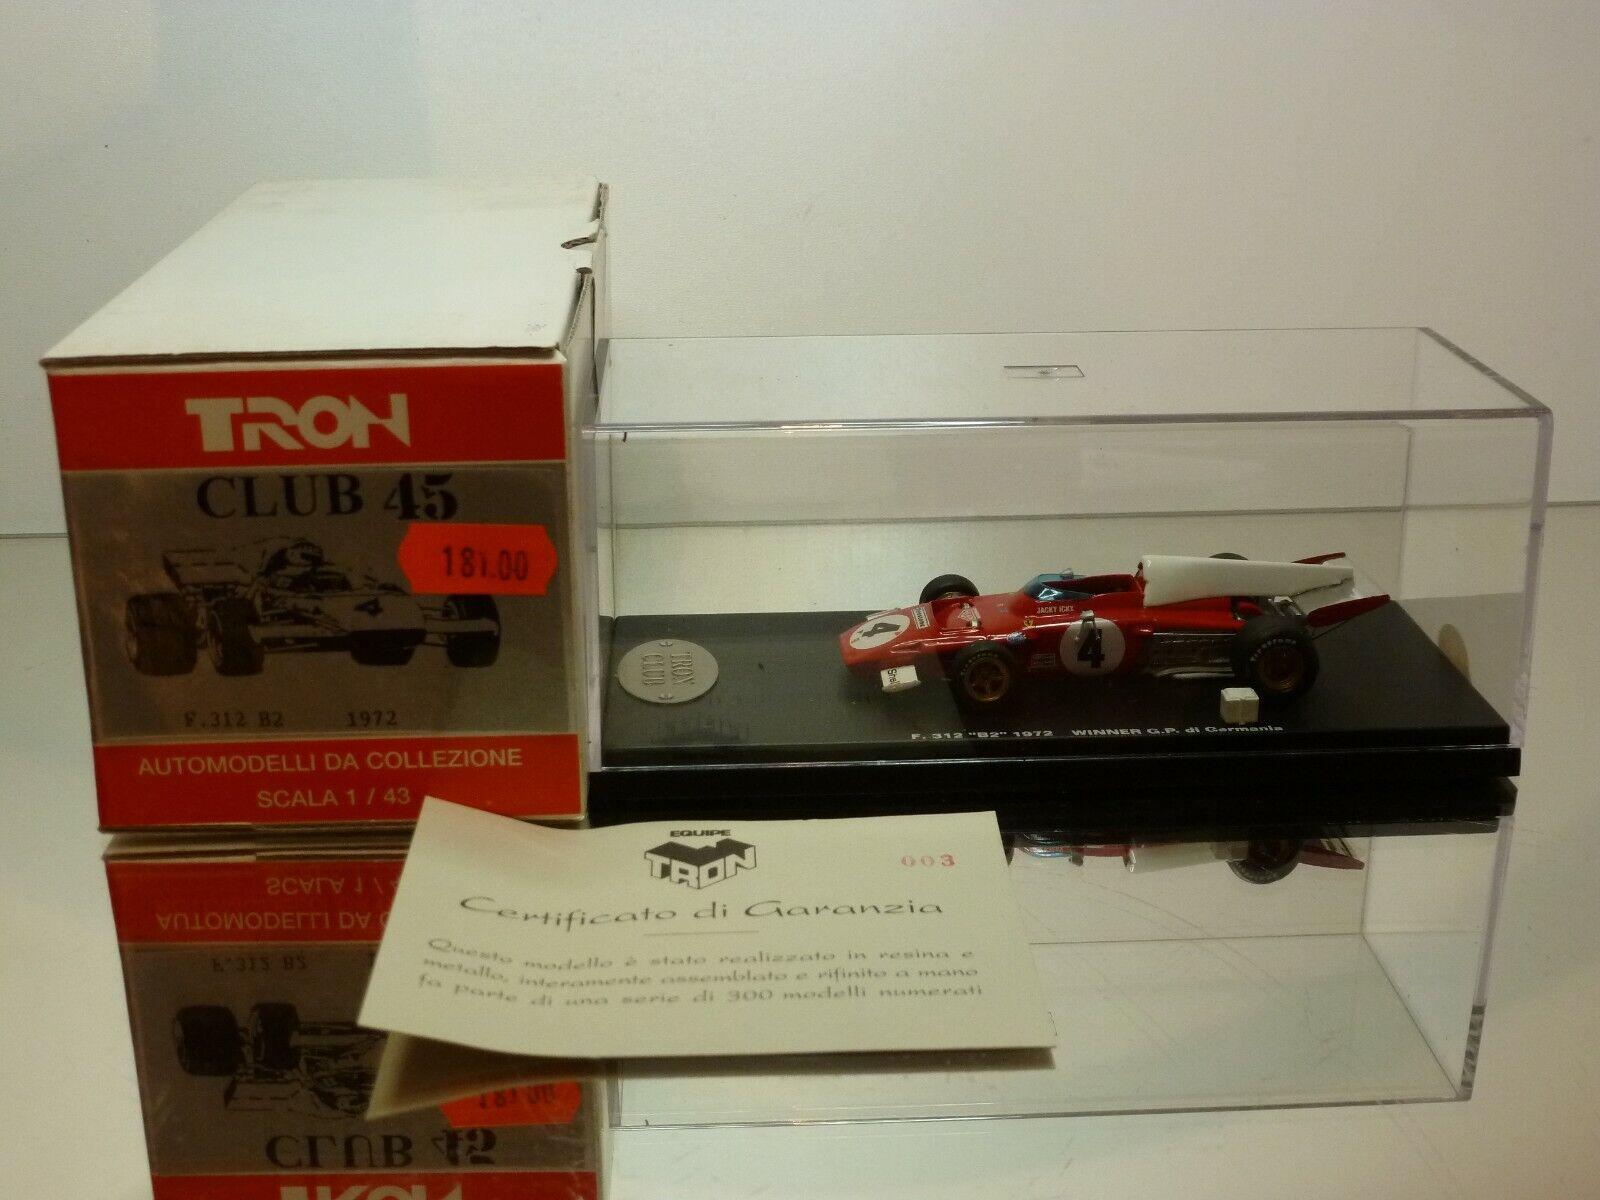 TRON CLUB 45 FERRARI  F312 B2 1972 - 1st GP GERhommeY - rouge 1 43 - MINT IN BOX  magasin d'usine